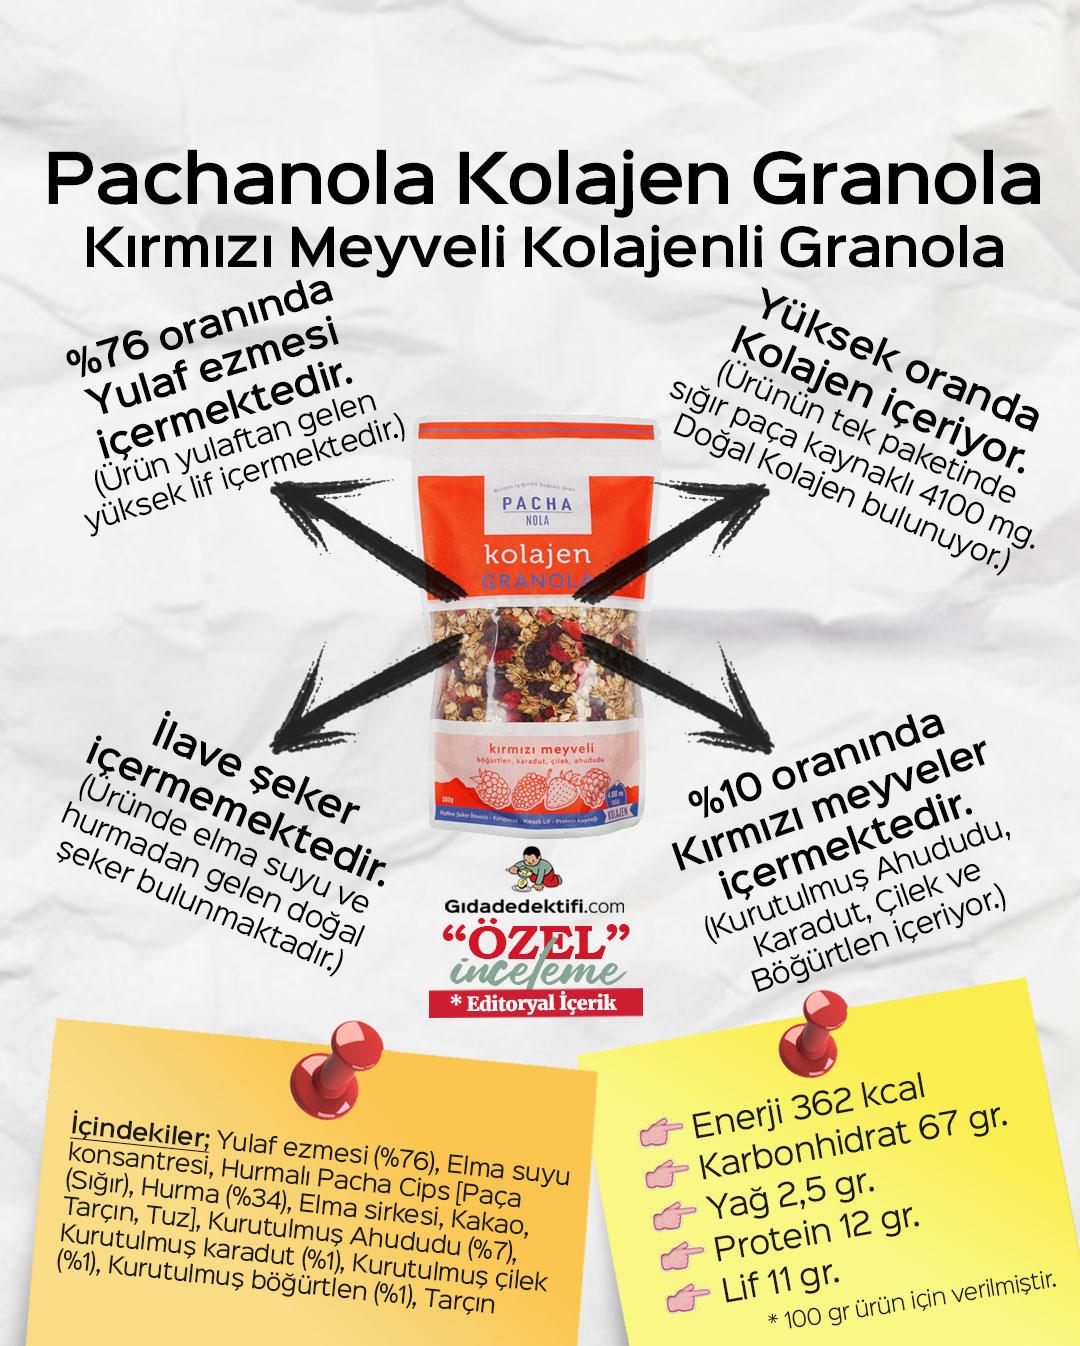 Pachanola Kolajenli Kırmızı Meyveli Granola - Gıda Dedektifi